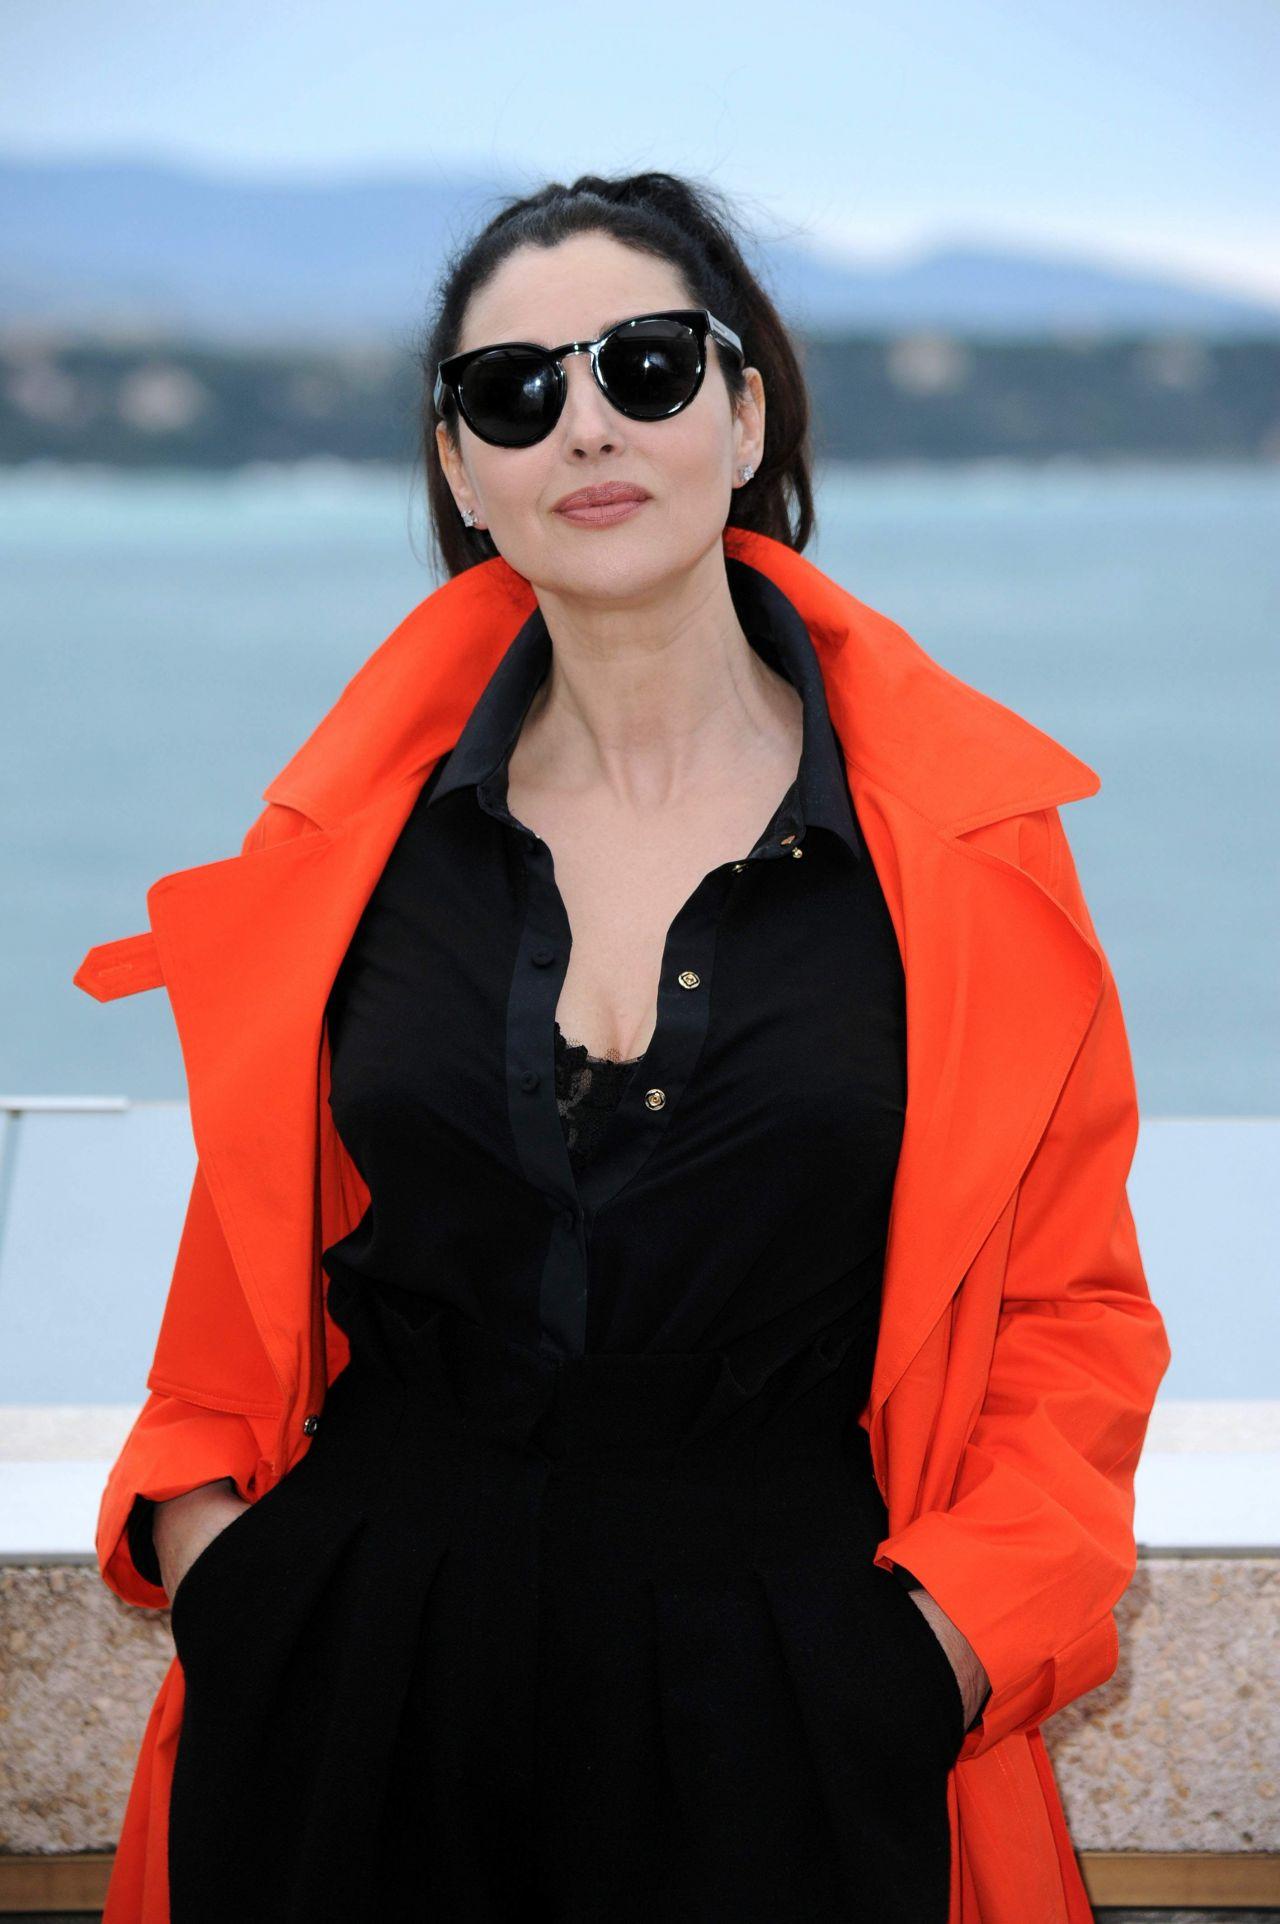 Monica Bellucci At Monte Carlo Comedy Film Festival Photocall In Monaco 3 5 2017